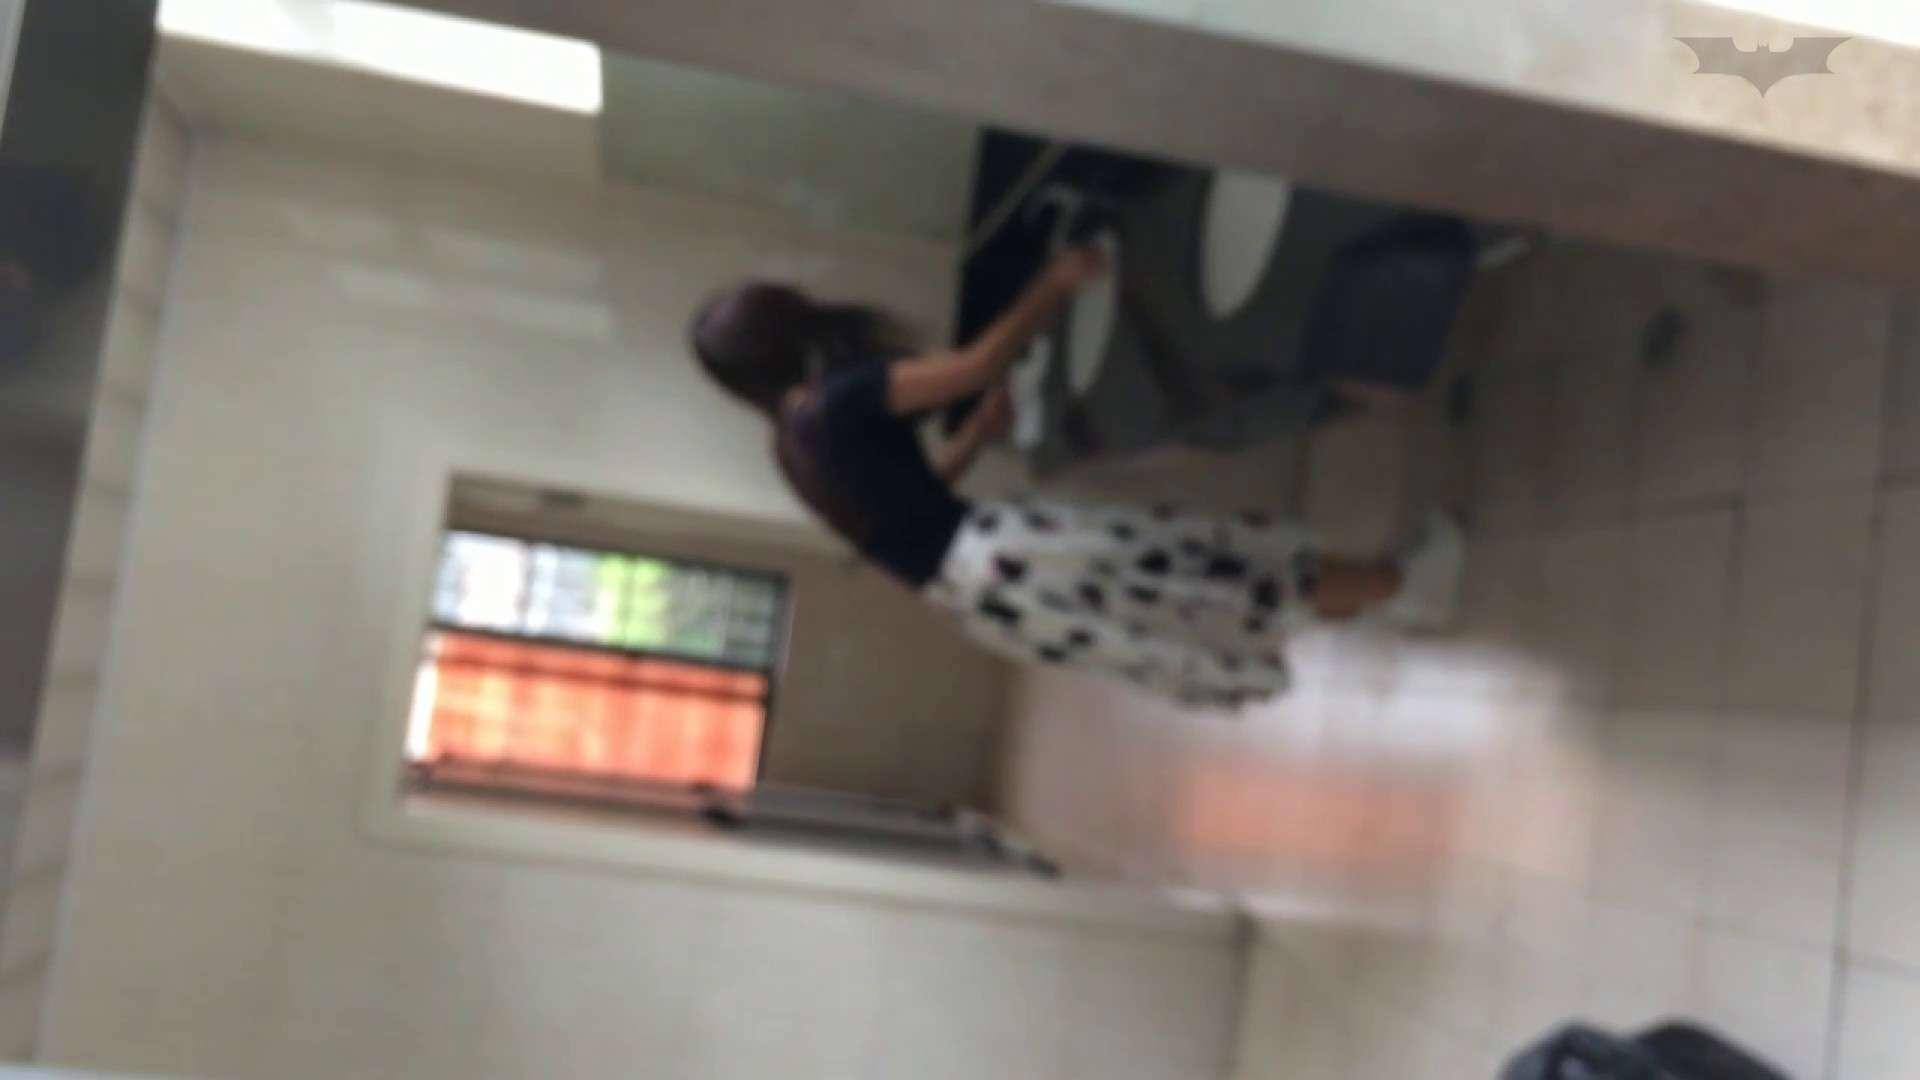 JD盗撮 美女の洗面所の秘密 Vol.45 トイレ中 | 盗撮エロすぎ  80連発 6